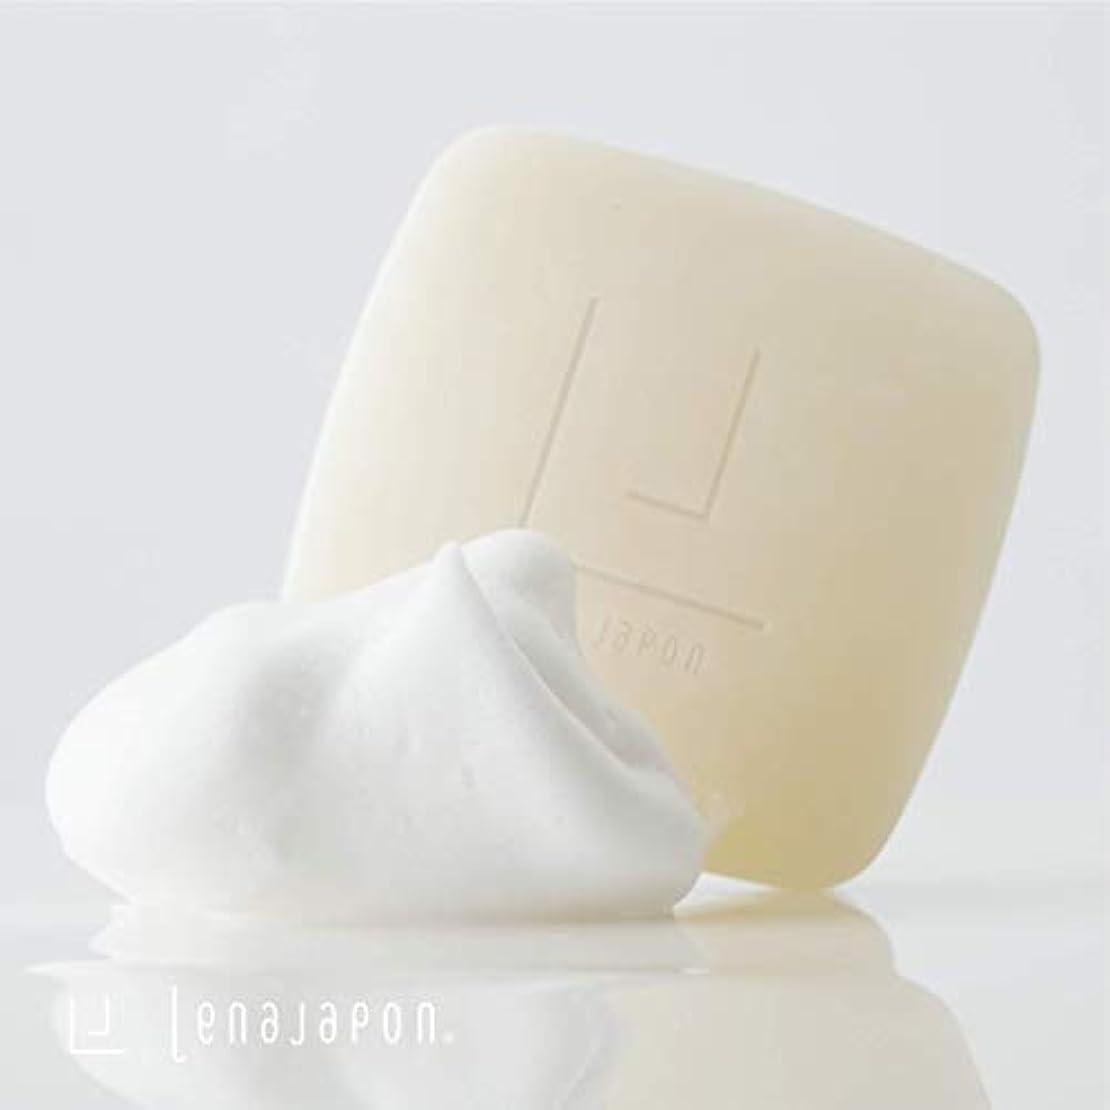 ガイドライン土地ハッチレナジャポン〈洗顔石鹸〉LJ モイストバー / LENAJAPON 〈rich foaming face soap〉 LJ MOIST BAR